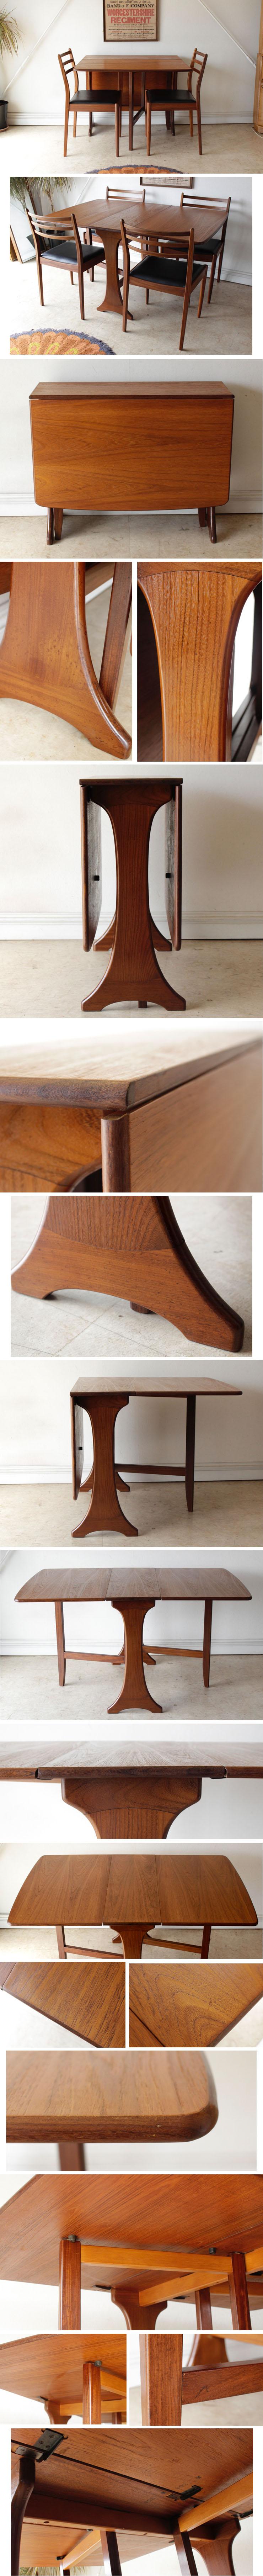 ジープラン・G-plan・ダイニングテーブル・チーク・ドロップリーフ・イギリス・ビンテージ・アンティーク・北欧